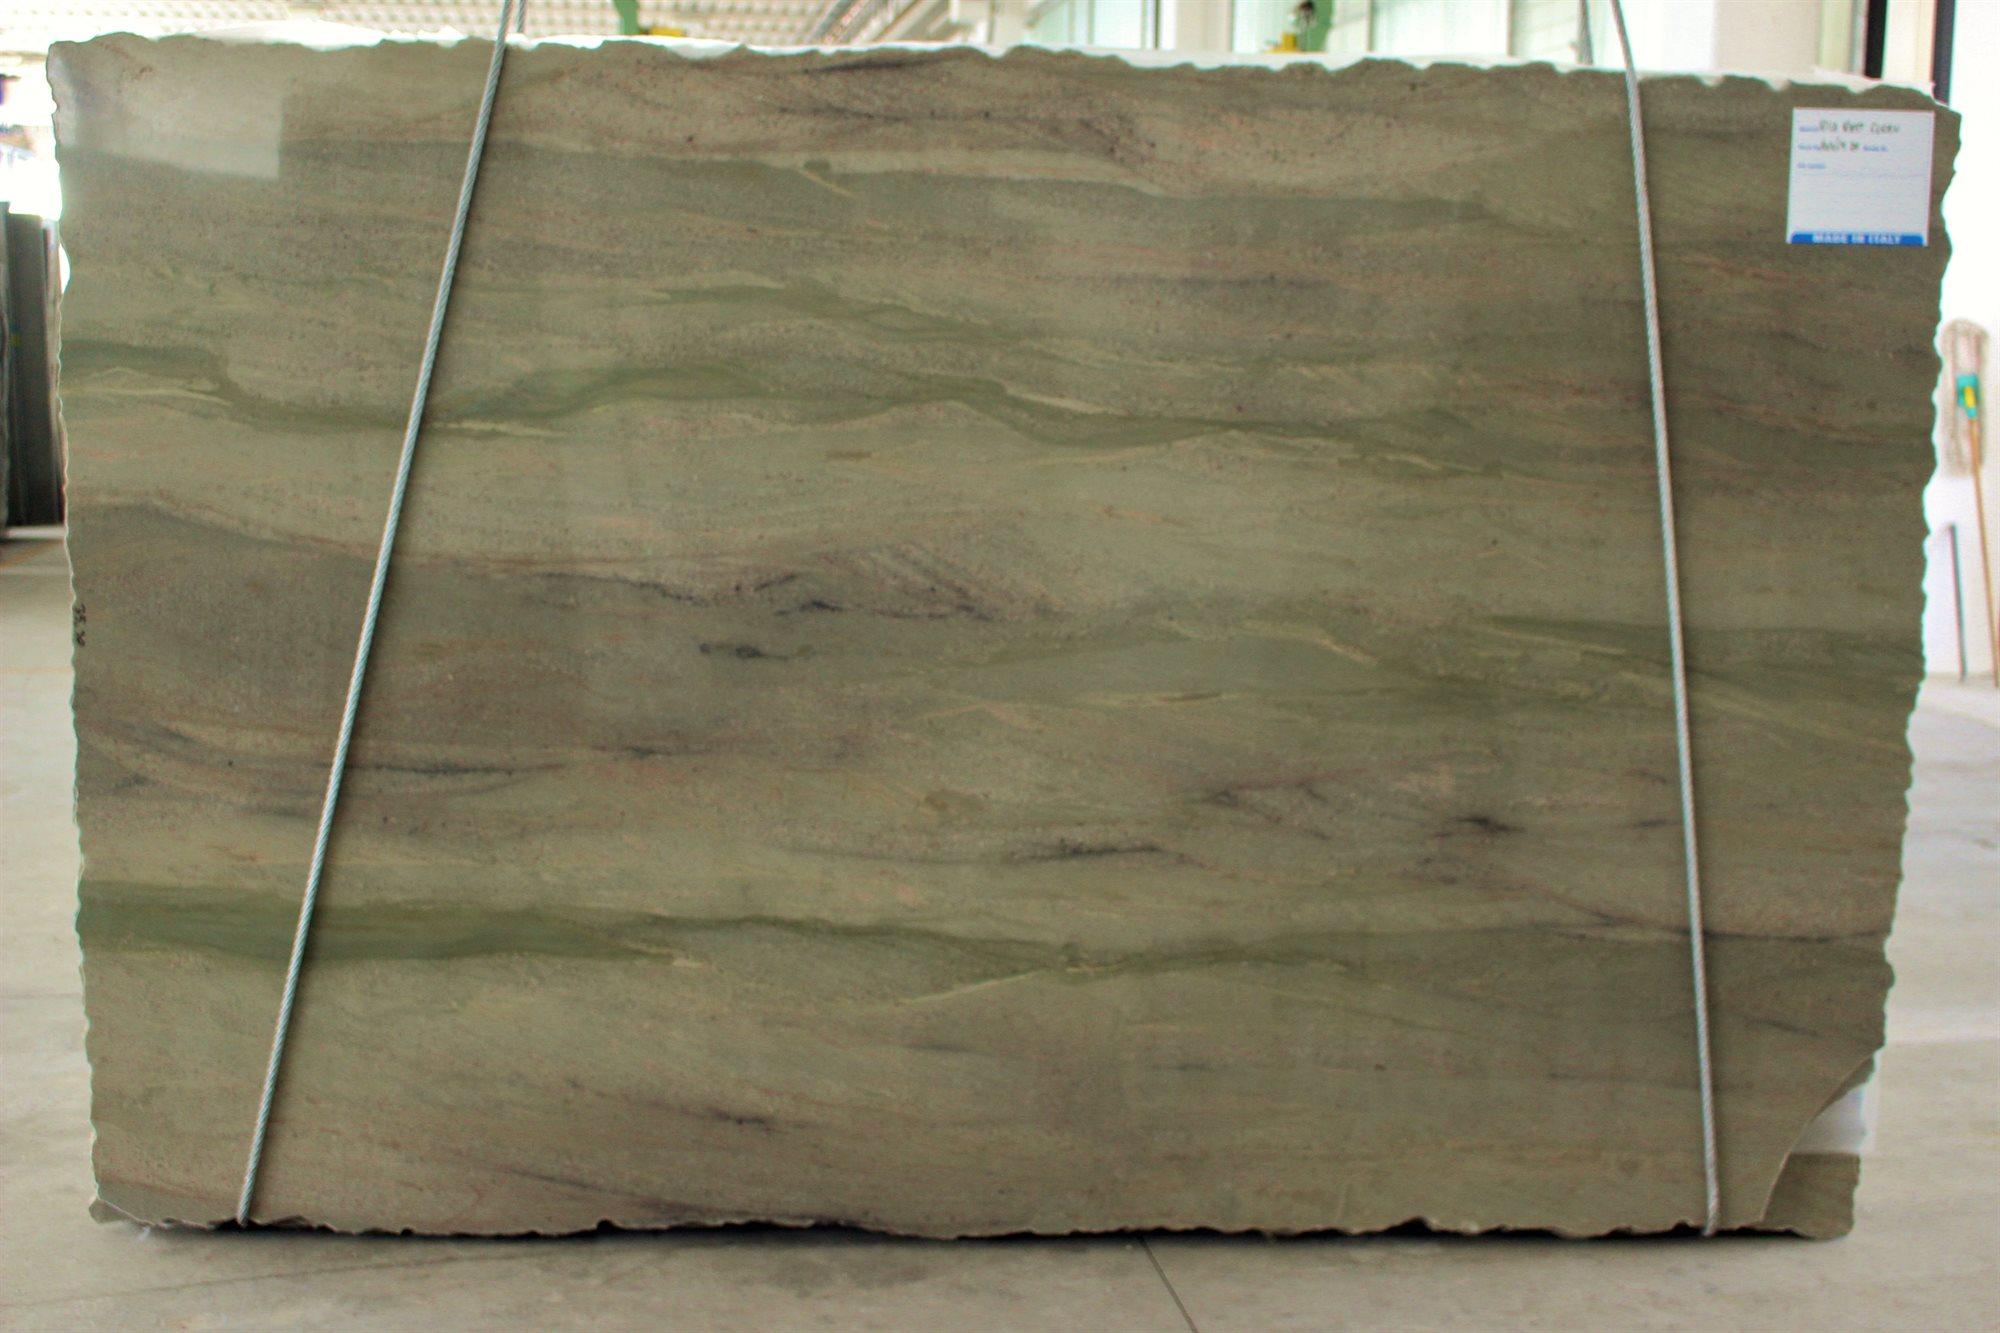 Marmo Rosa Del Portogallo galleria del marmo | solfagroup | bring stone to life!